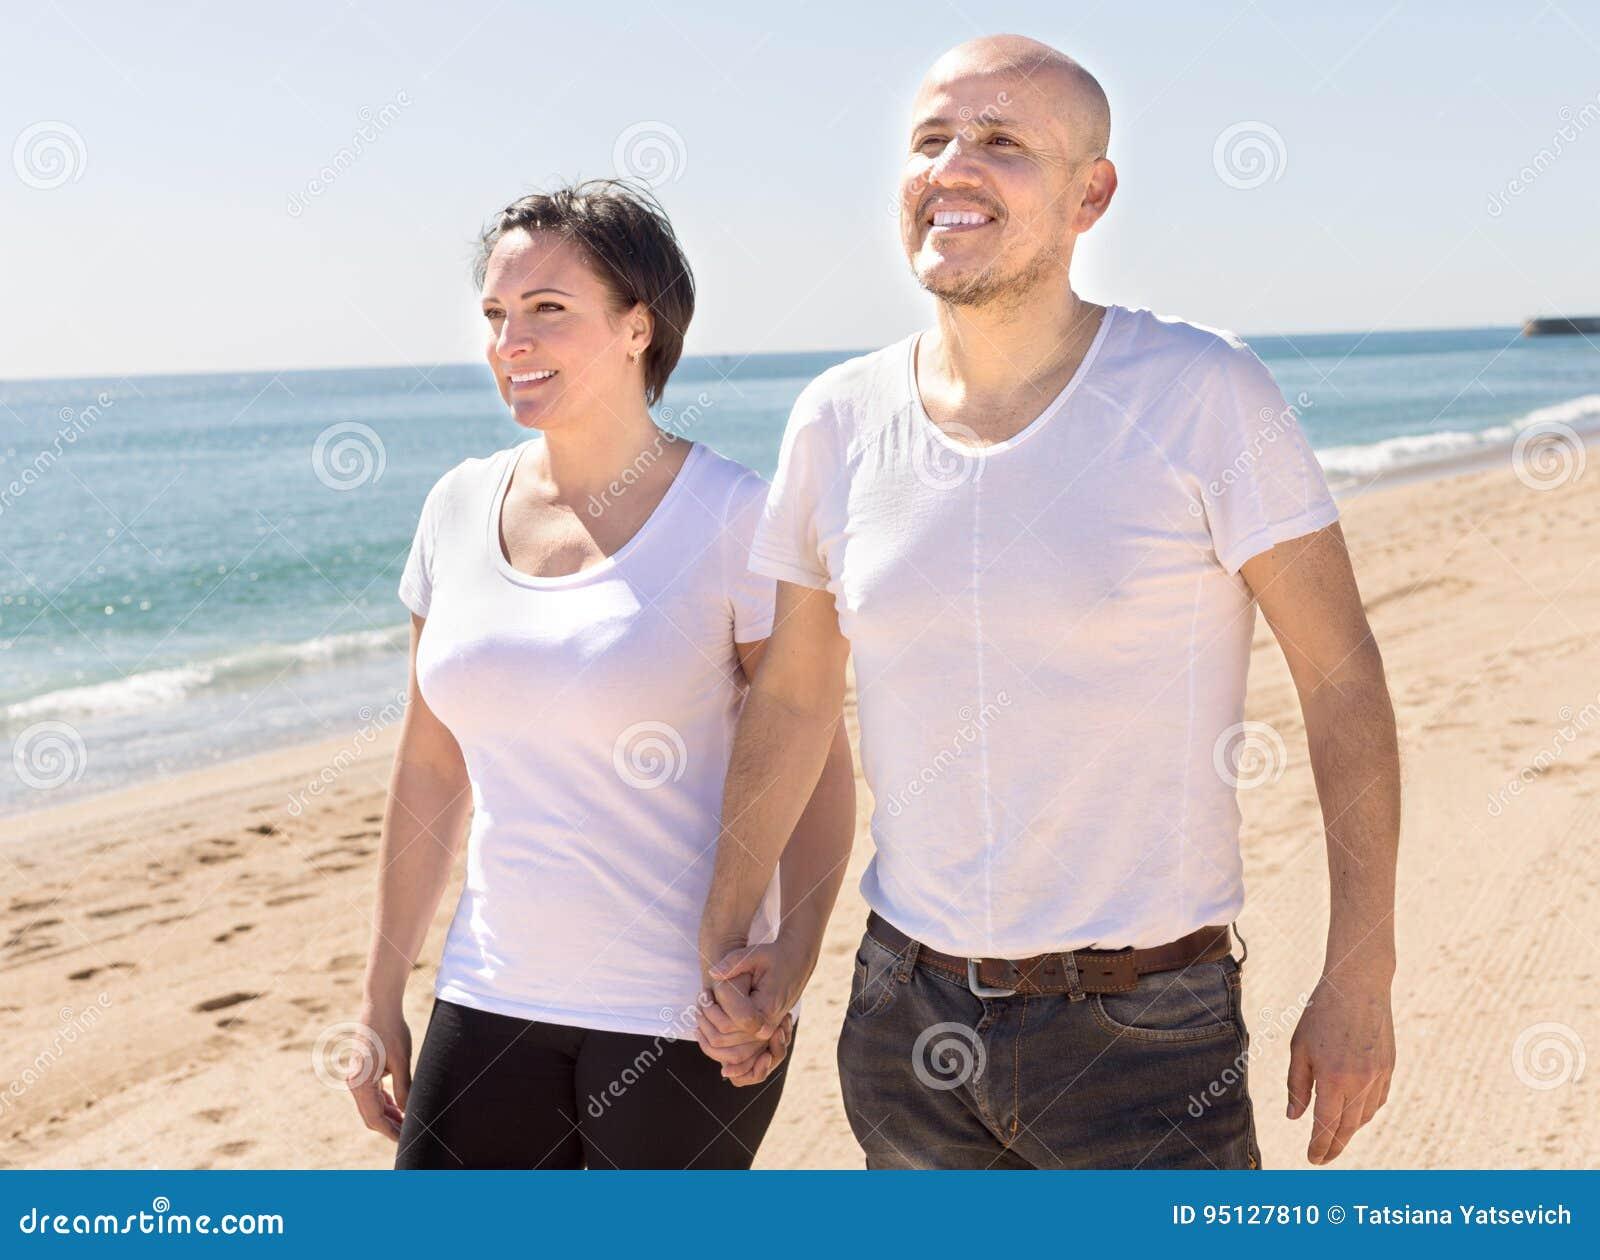 Di Età Uomo Camminano E In Sulla Mezza Donna Maglietta Bianca Che IfvYb76gy